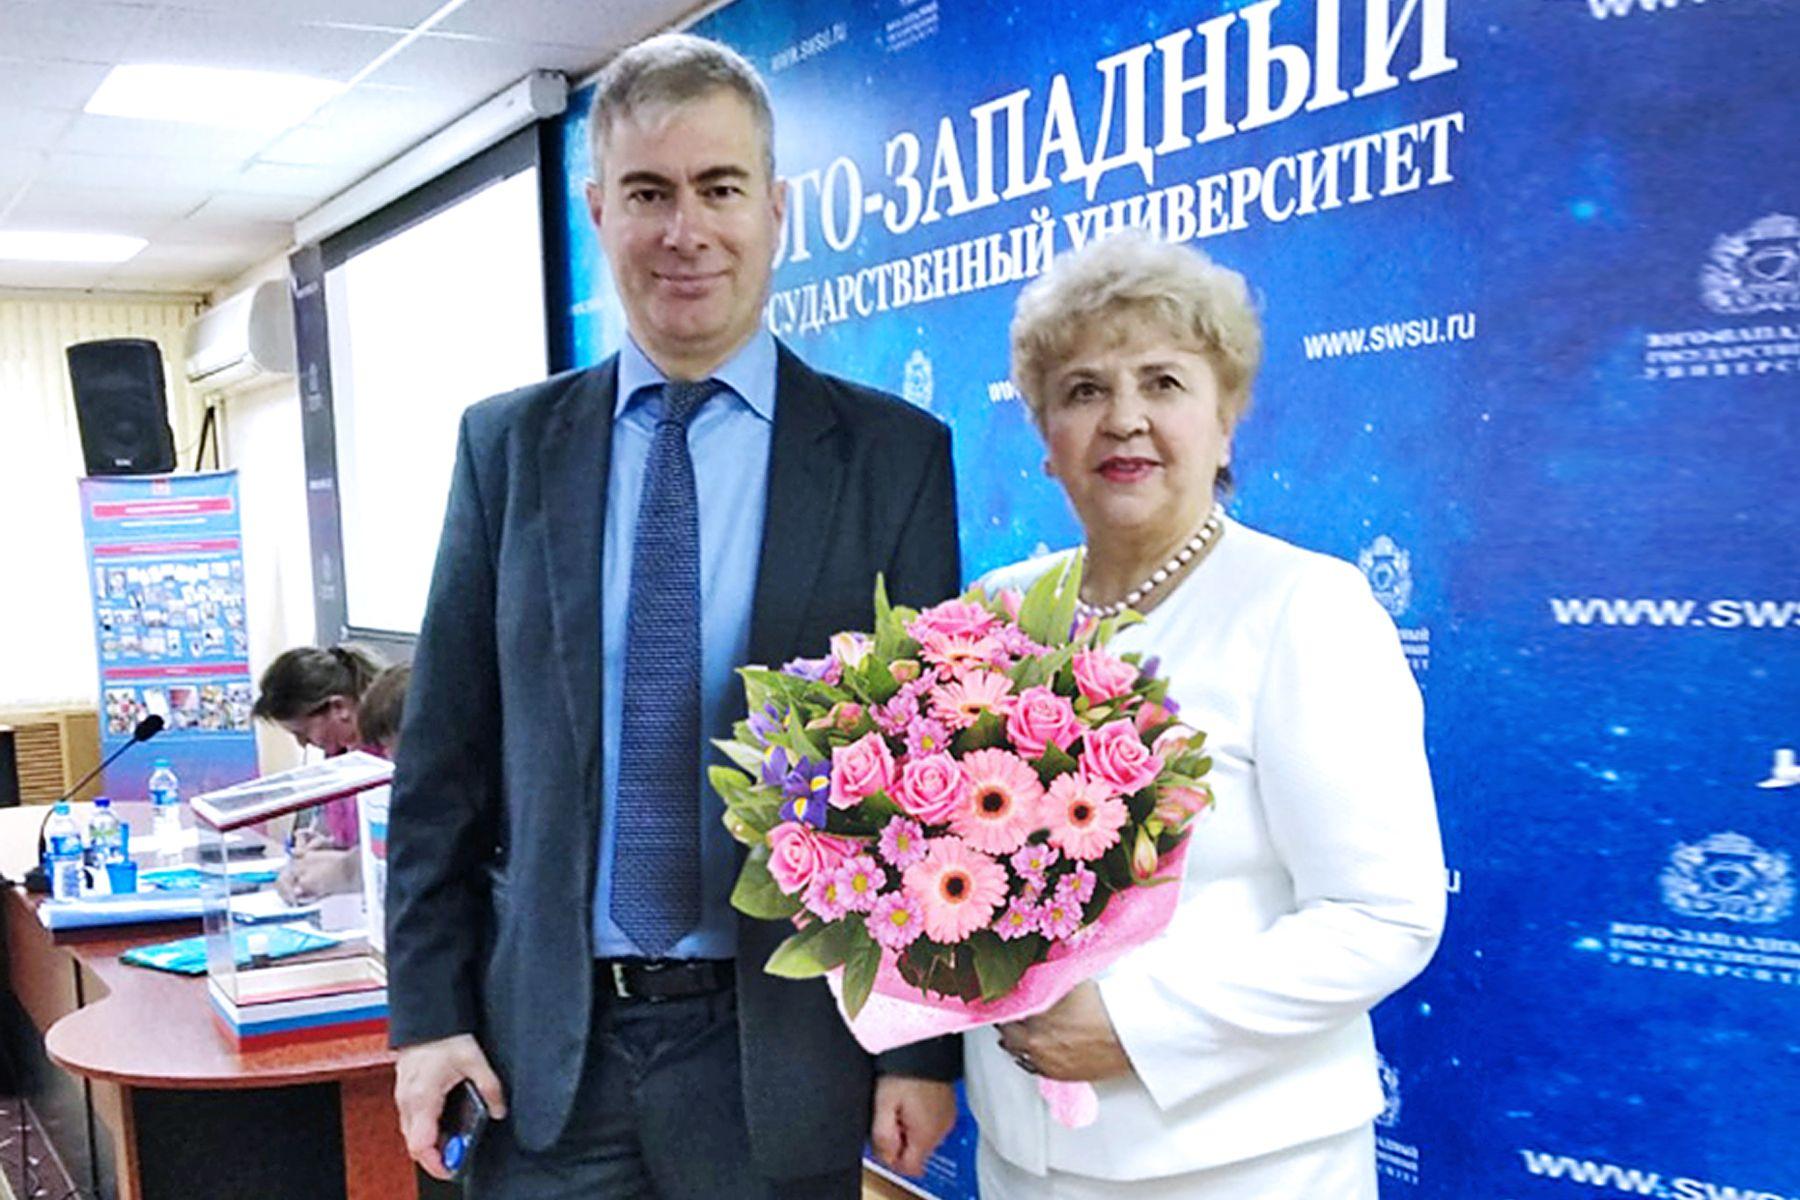 Поздравляем Петра Петрищева, ассистента кафедры экономики и управления ВГУЭС с защитой кандидатской диссертации